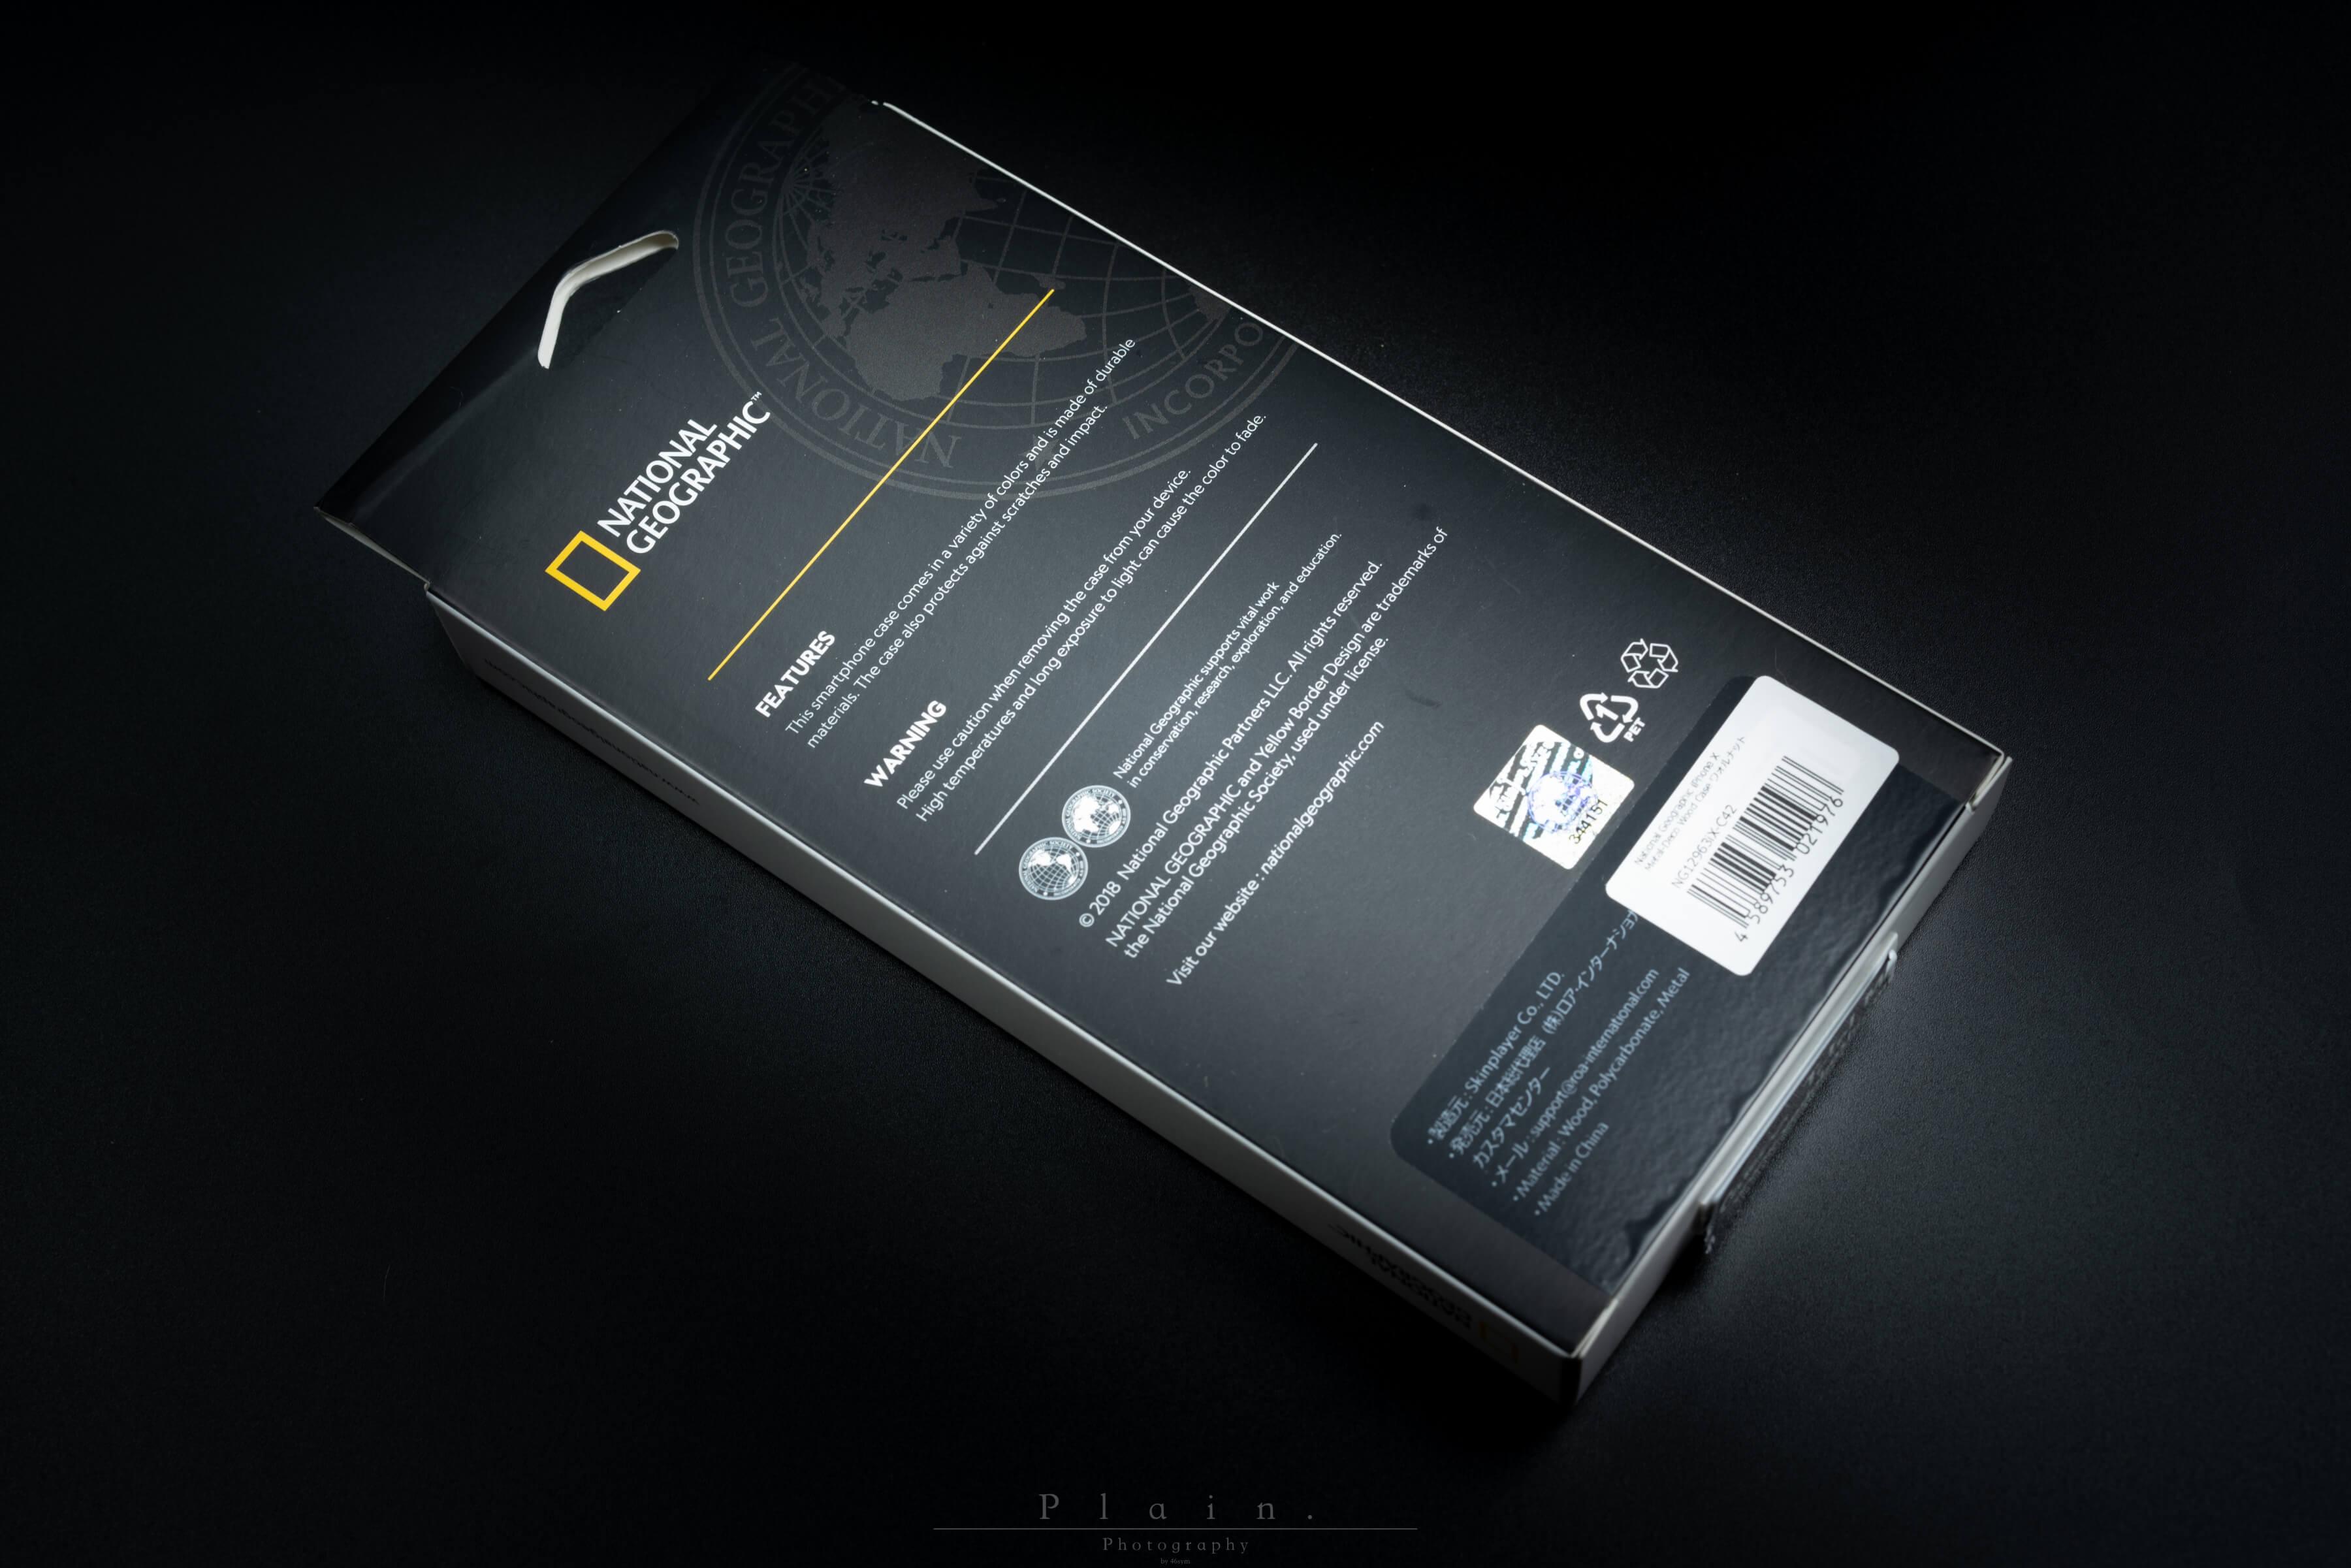 ナショジオのiphone X Xs用の木製ケースがすごくおしゃれでかっこいい